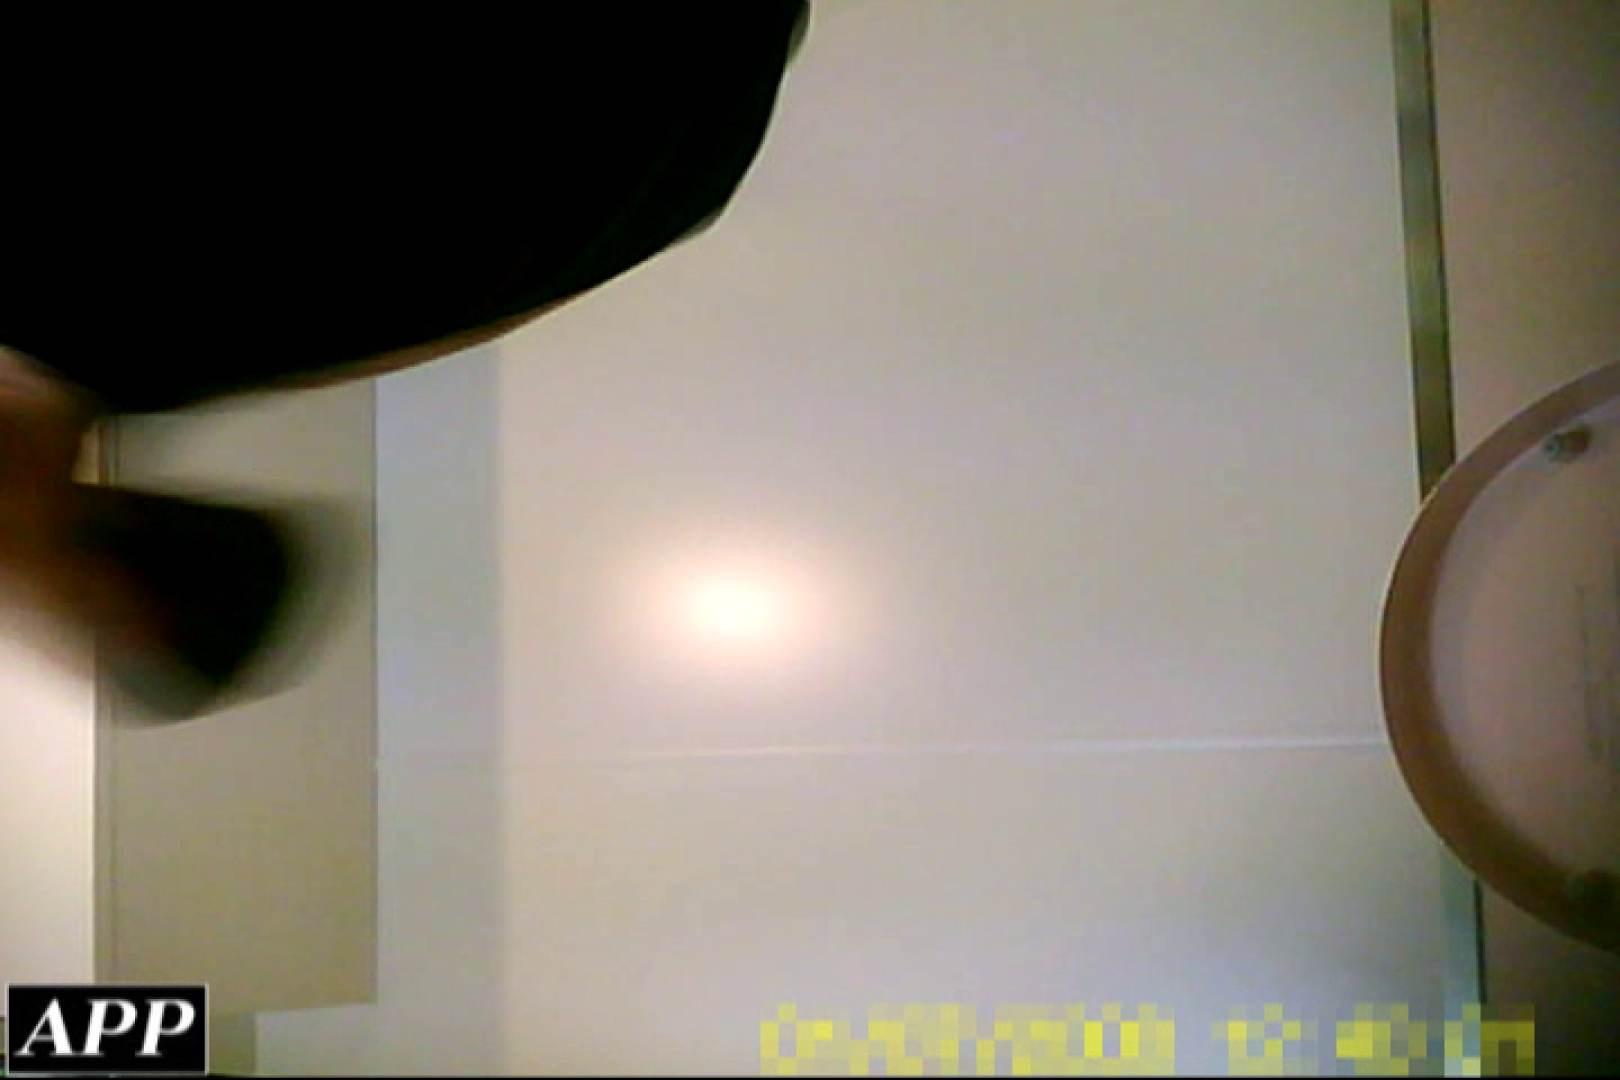 3視点洗面所 vol.93 盗撮で悶絶 おまんこ無修正動画無料 98画像 52